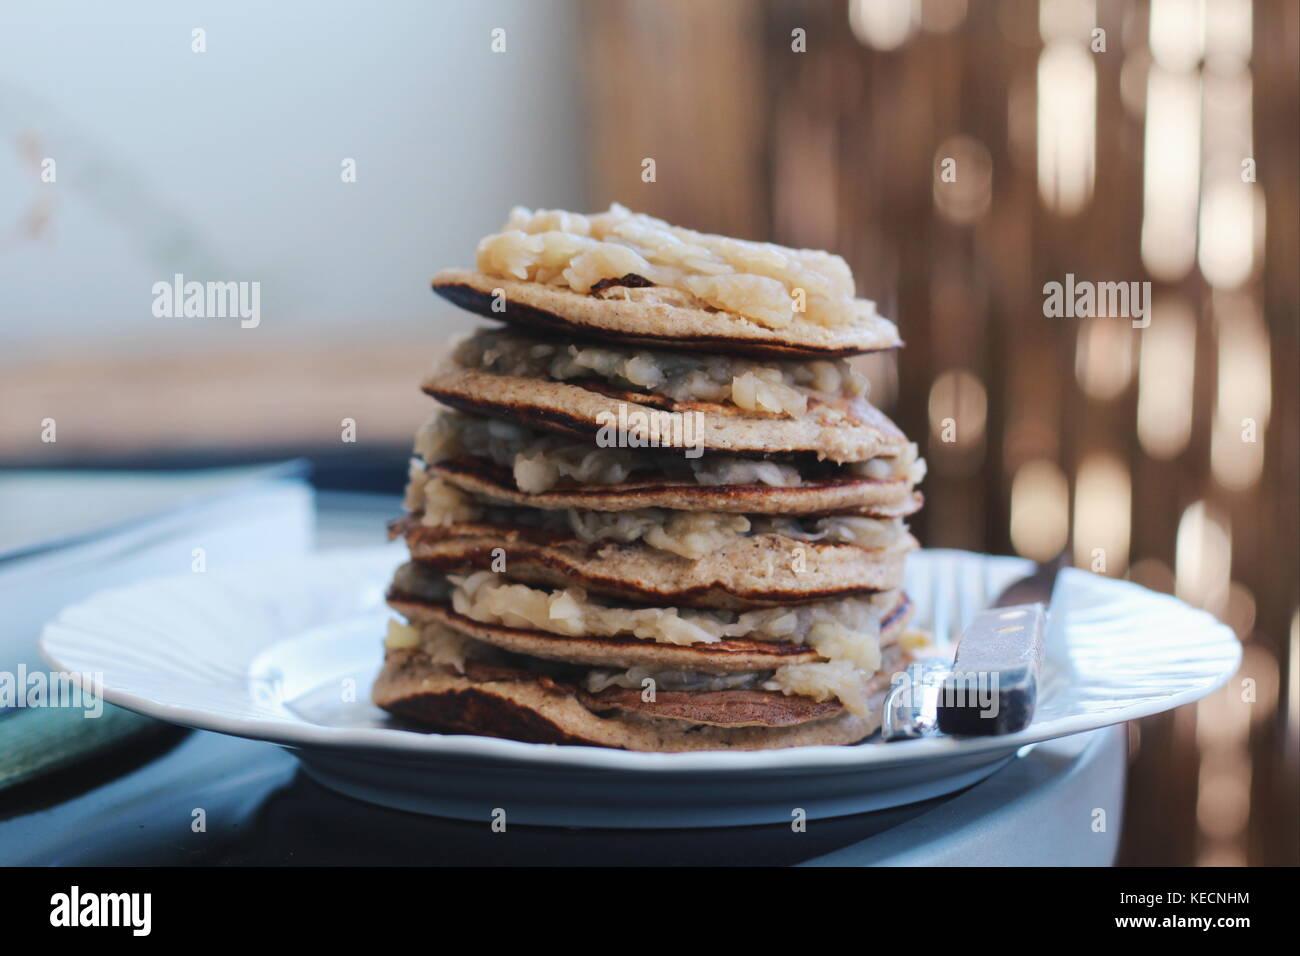 Hausgemachten gesunden Pfannkuchen, frisch aus der Pfanne, mit Apfelmus gefüllt. Lecker und toll für Frühstück Stockbild